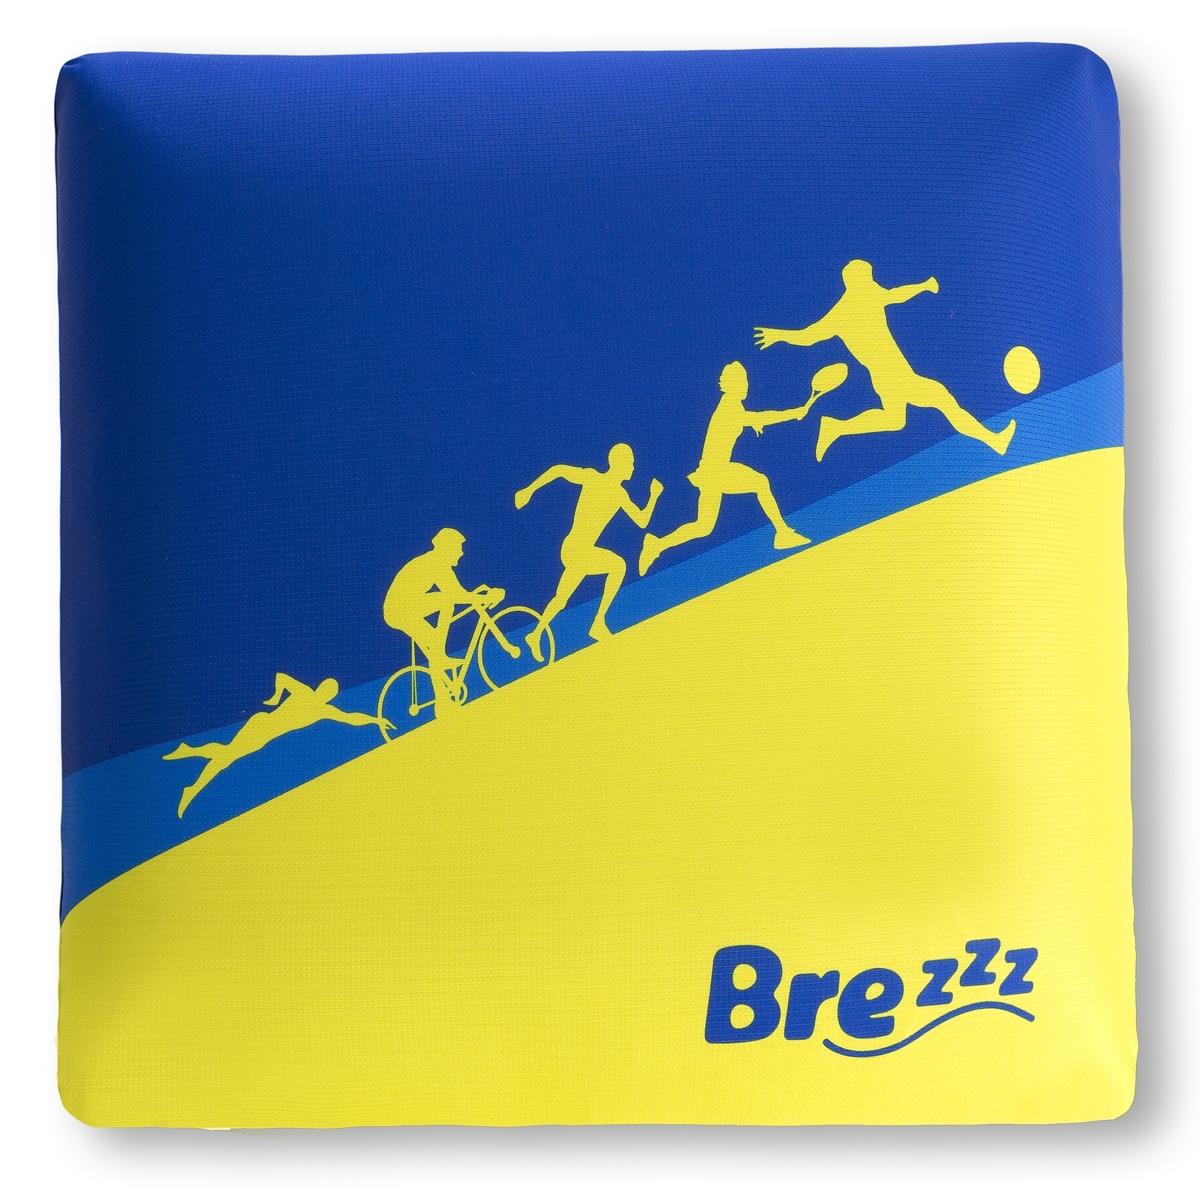 Brezzz (25 de 90)